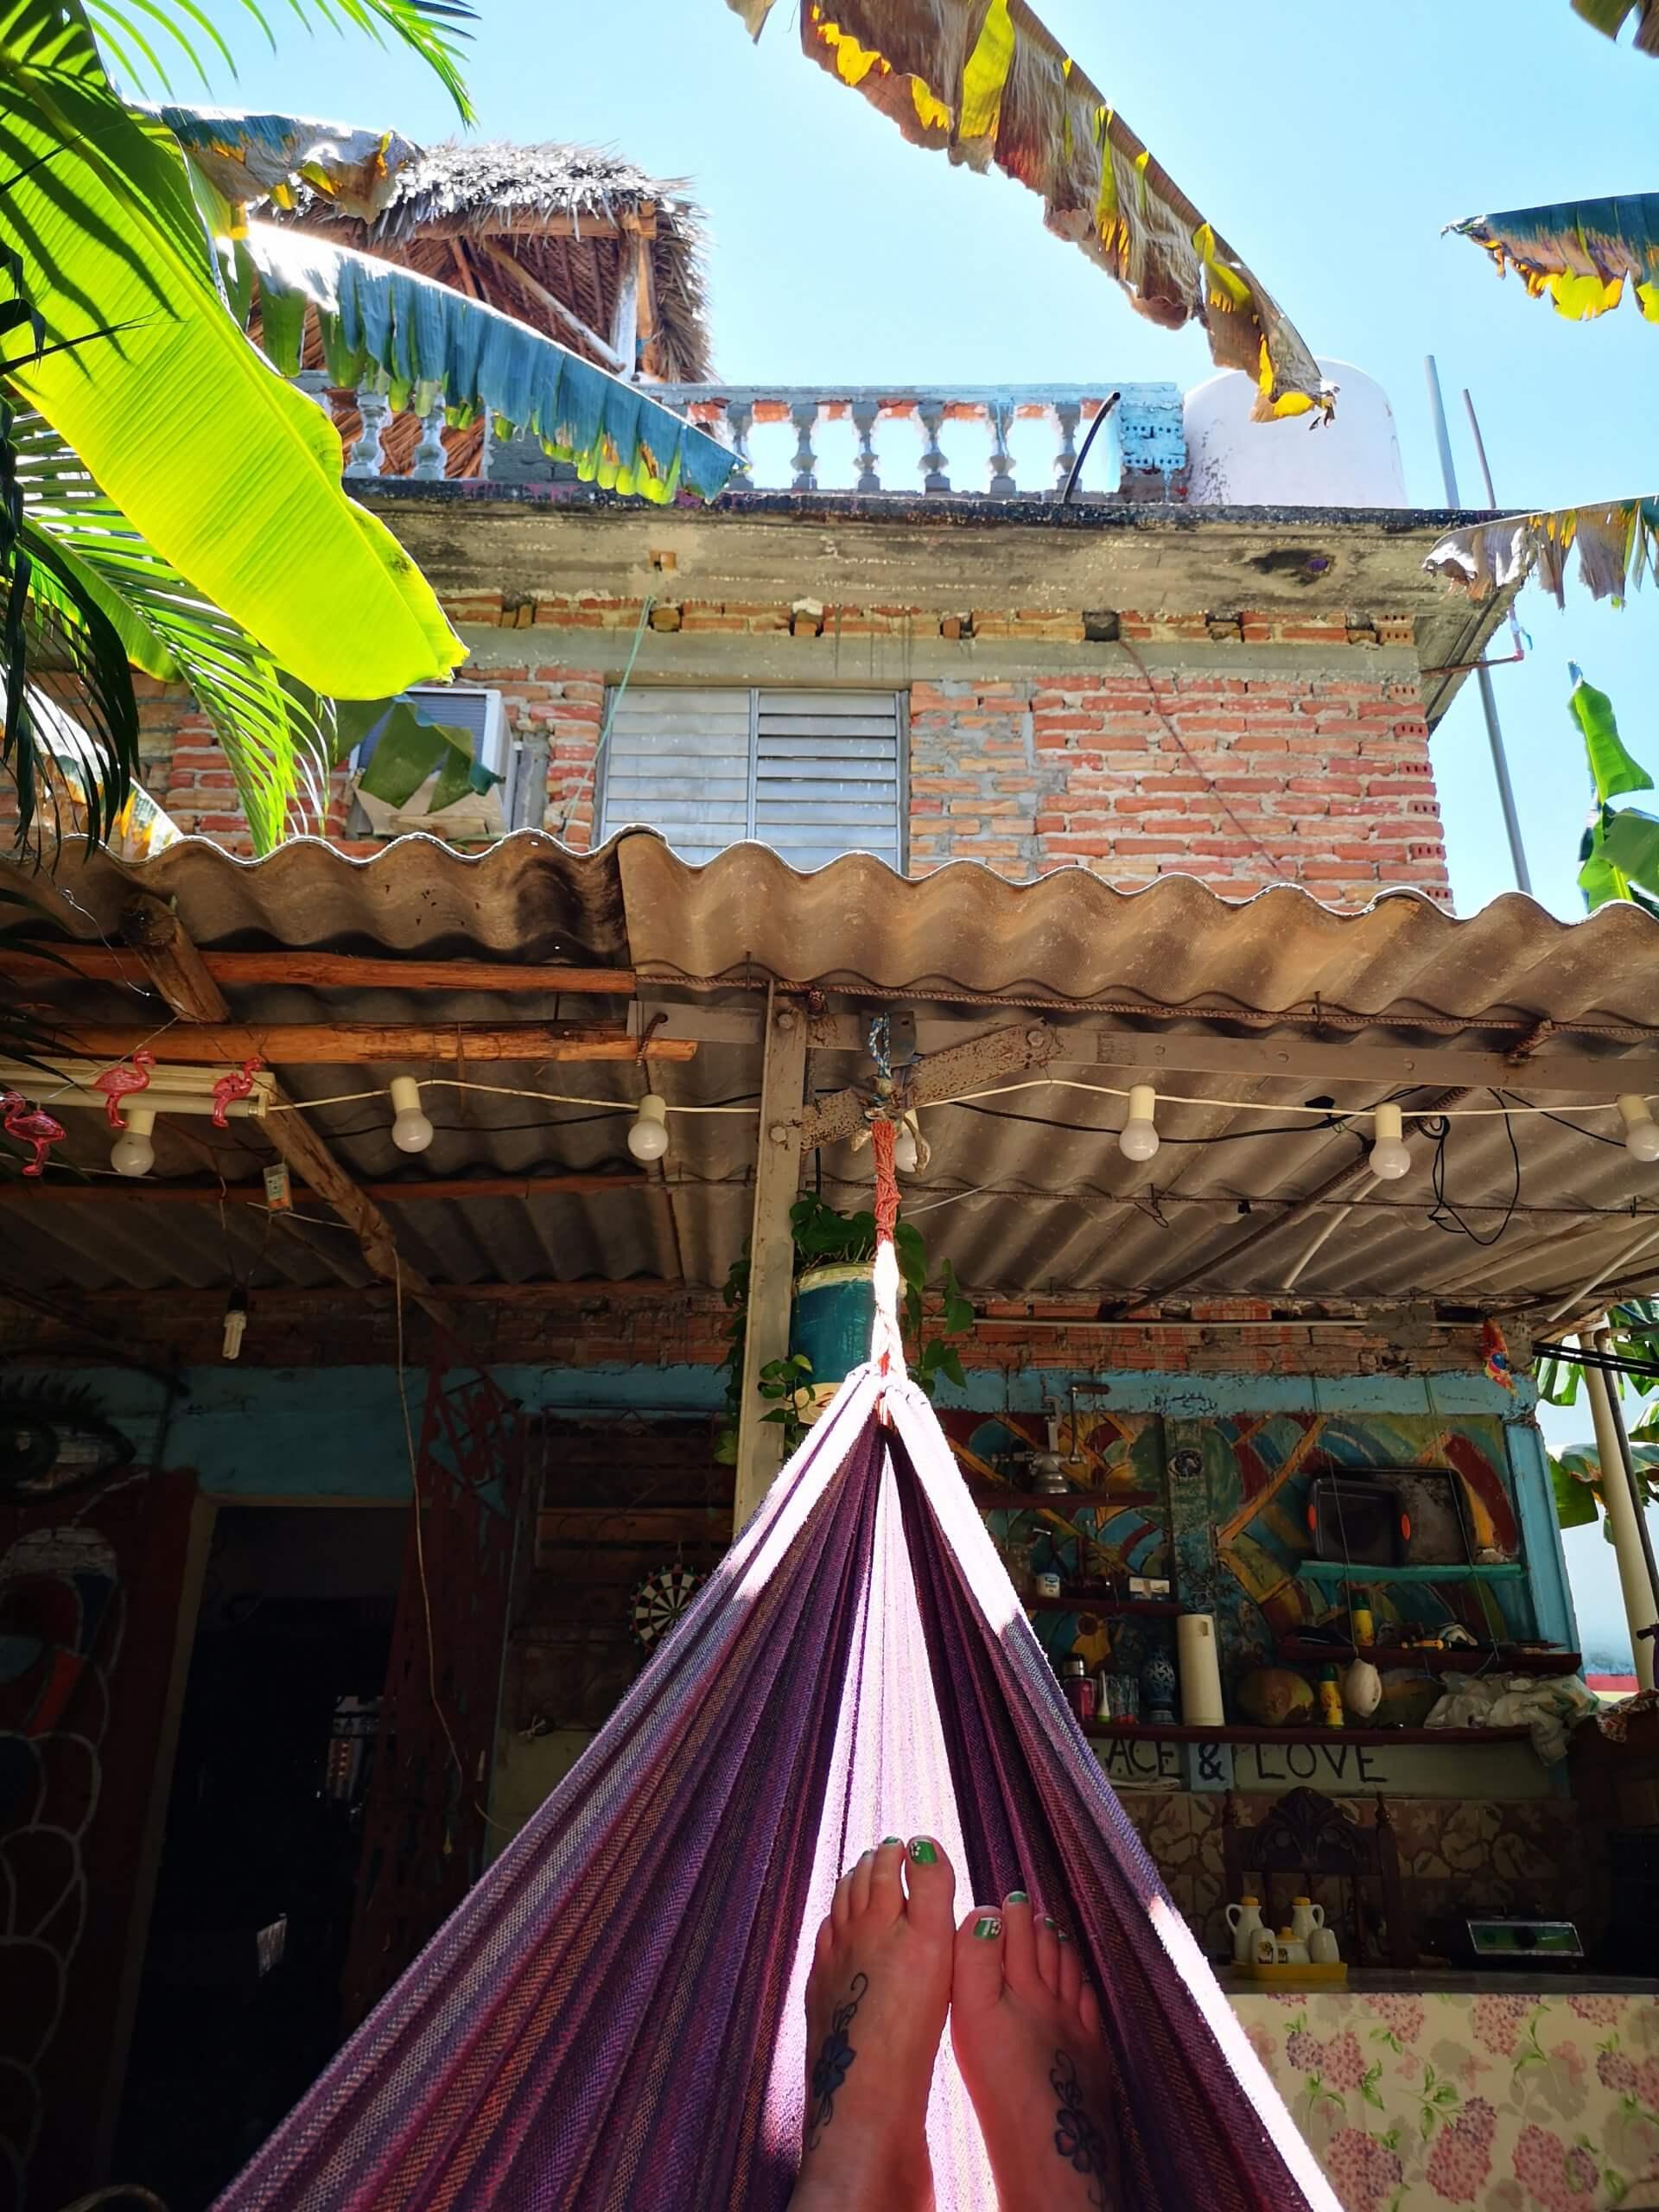 gjestehus på Cuba